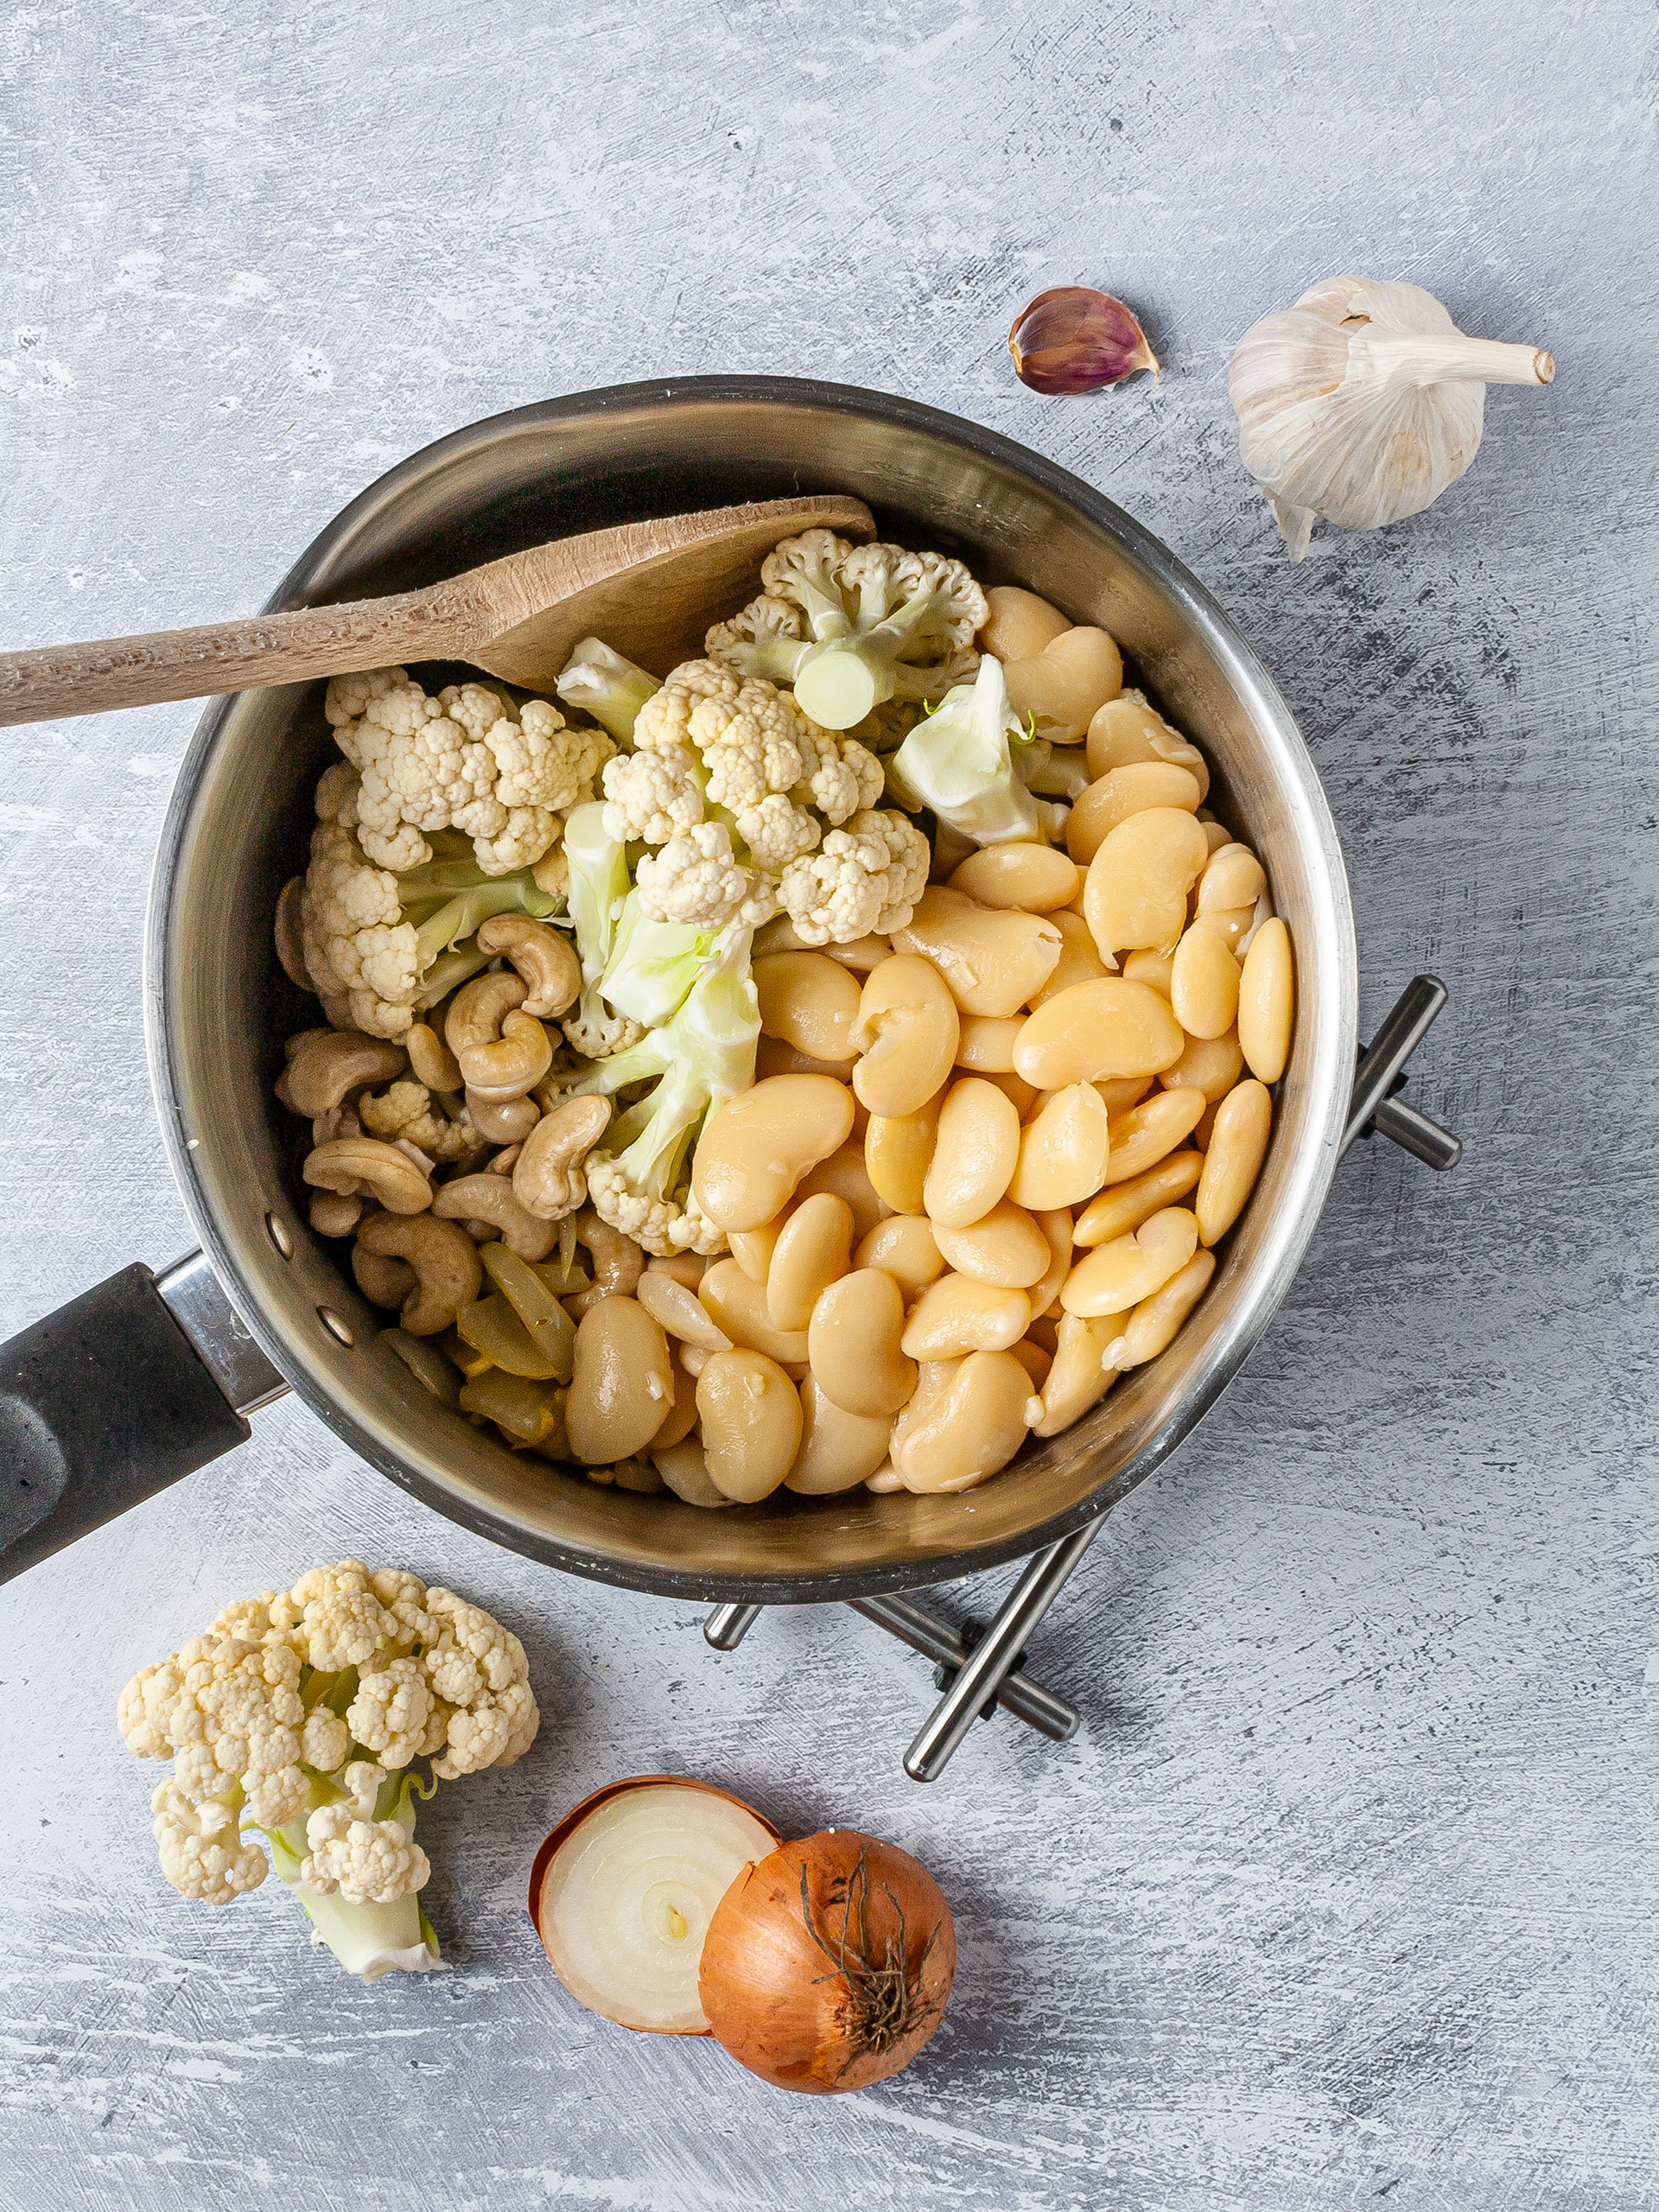 Onions, garlic, cauliflower, white beans in a pot